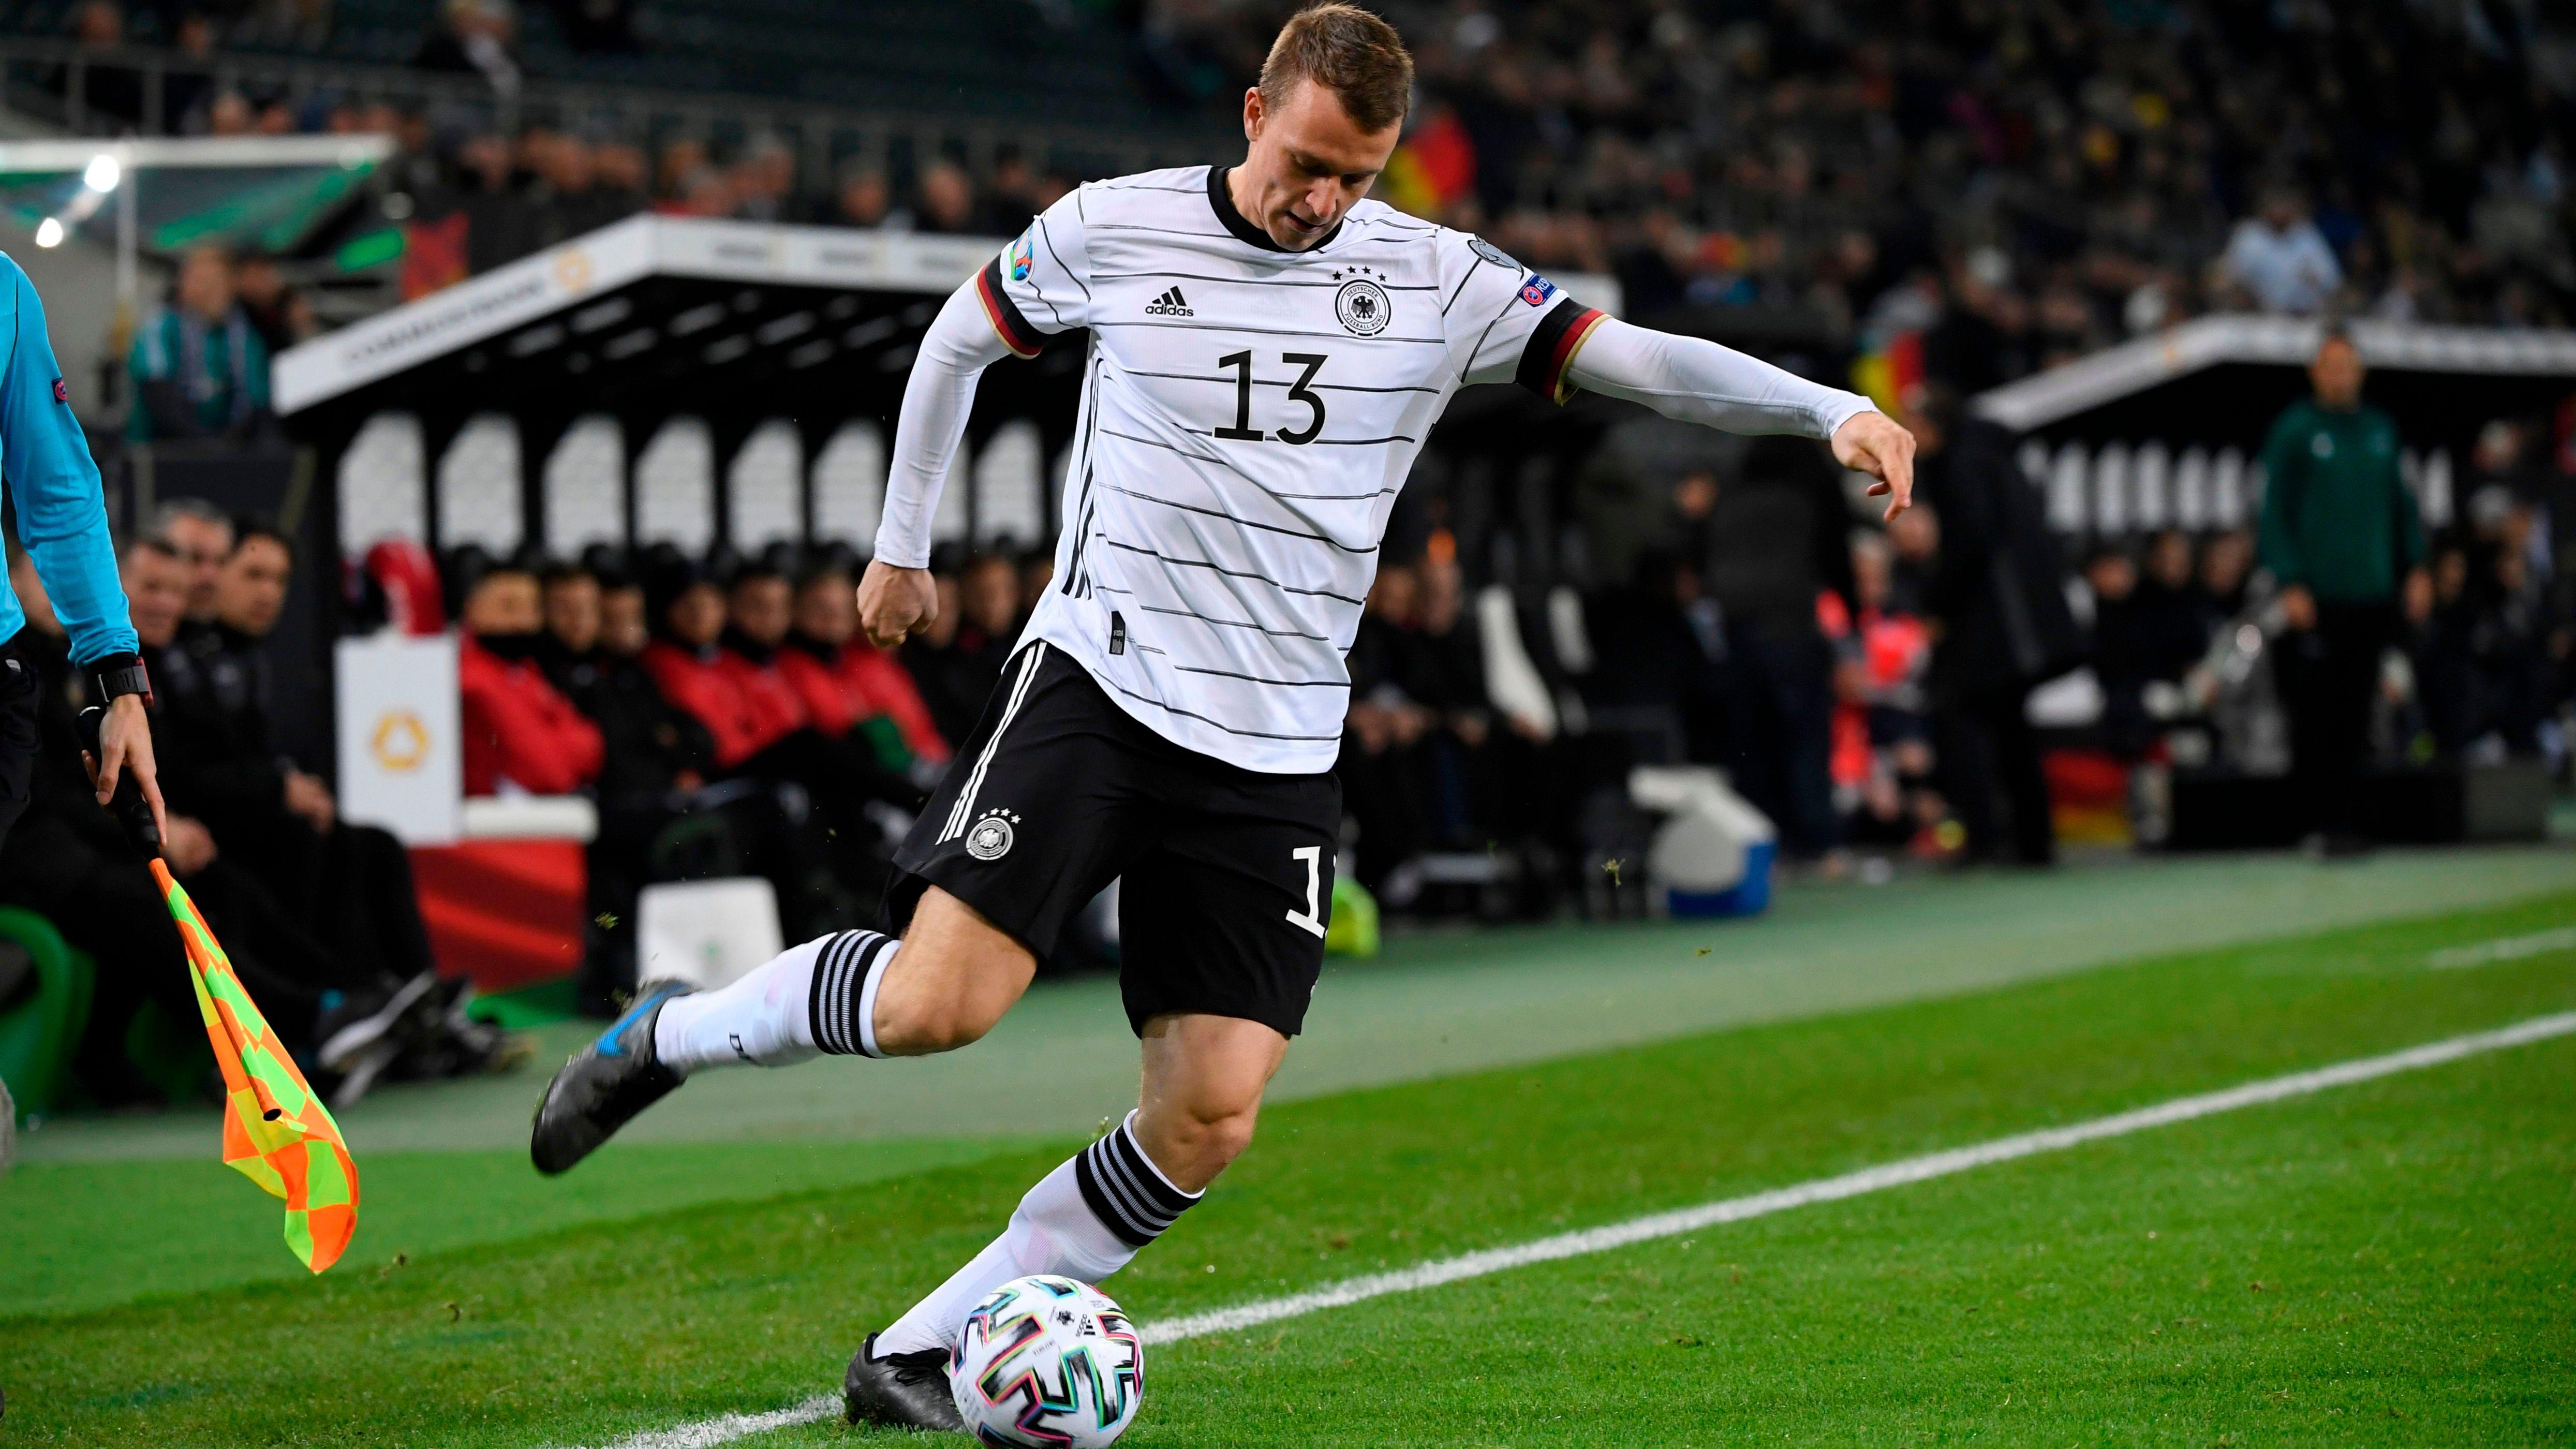 OFFICIEL - Cible de Dortmund et du Bayern Munich, Lukas Klostermann prolonge à Leipzig